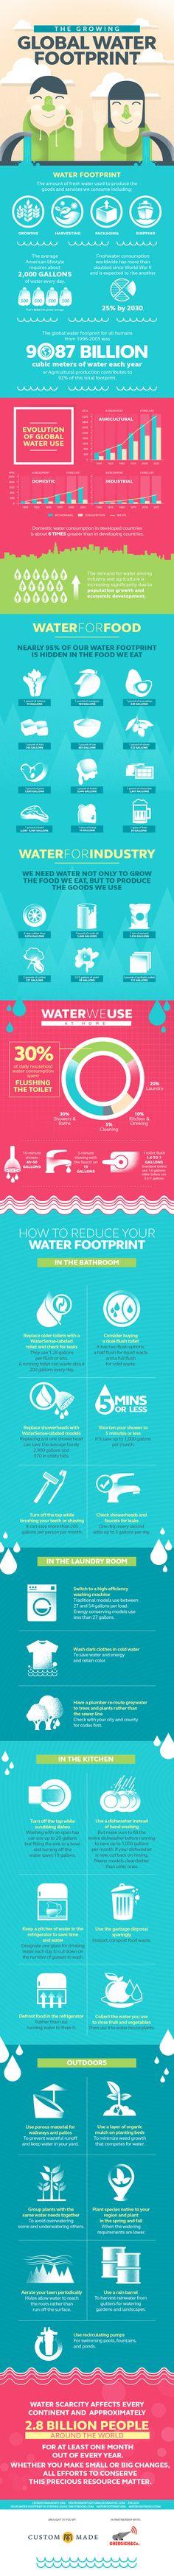 The Growing Global Water Footprint